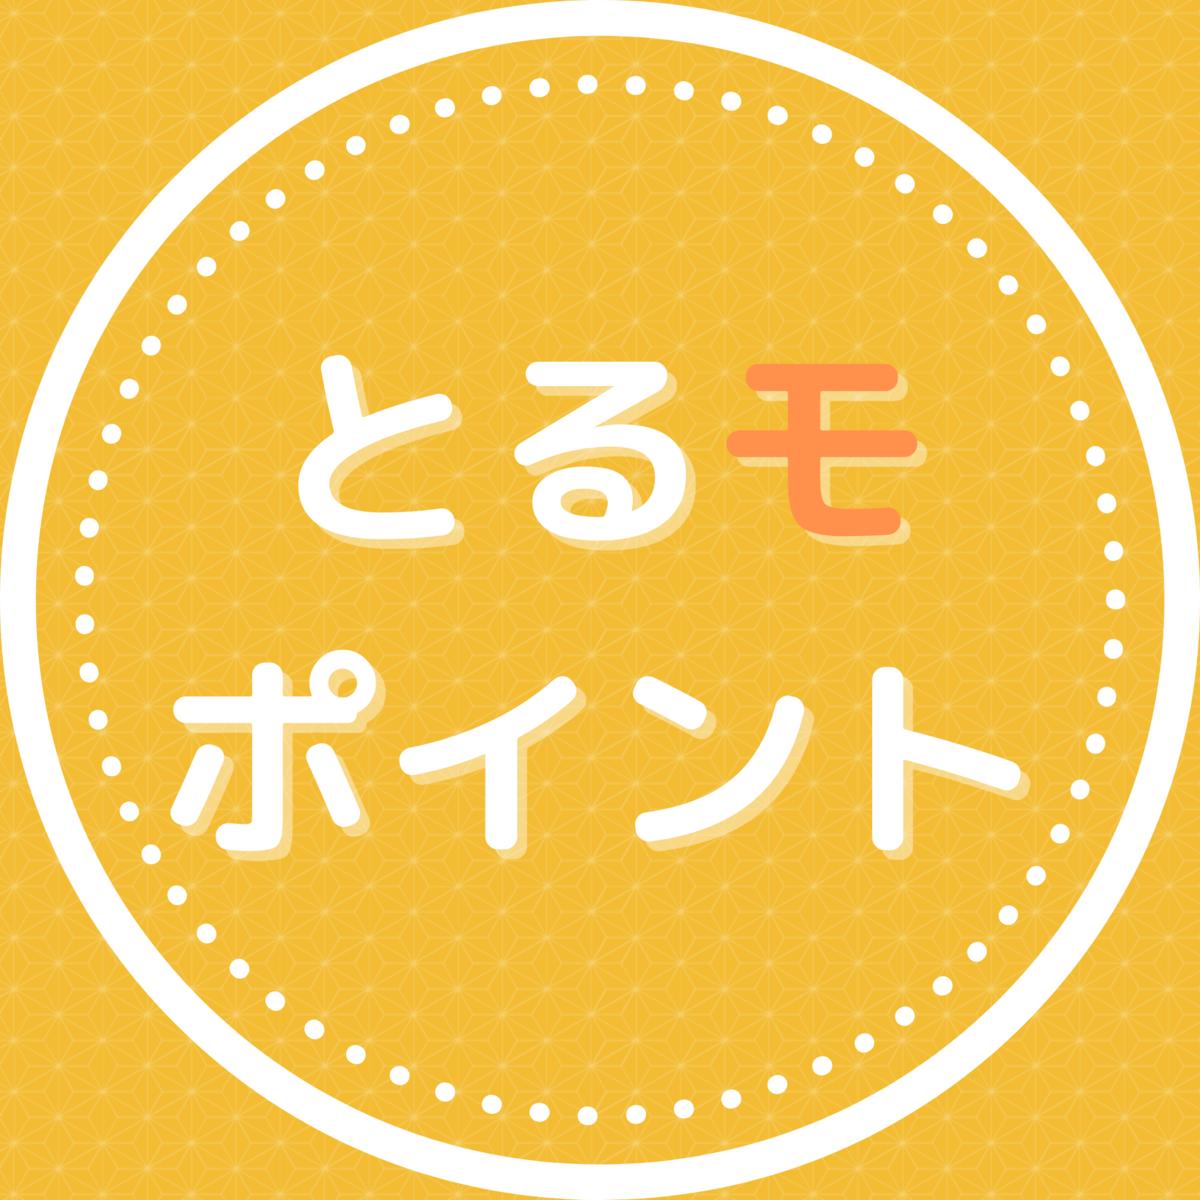 f:id:blue_otorihiki:20200730054021p:plain